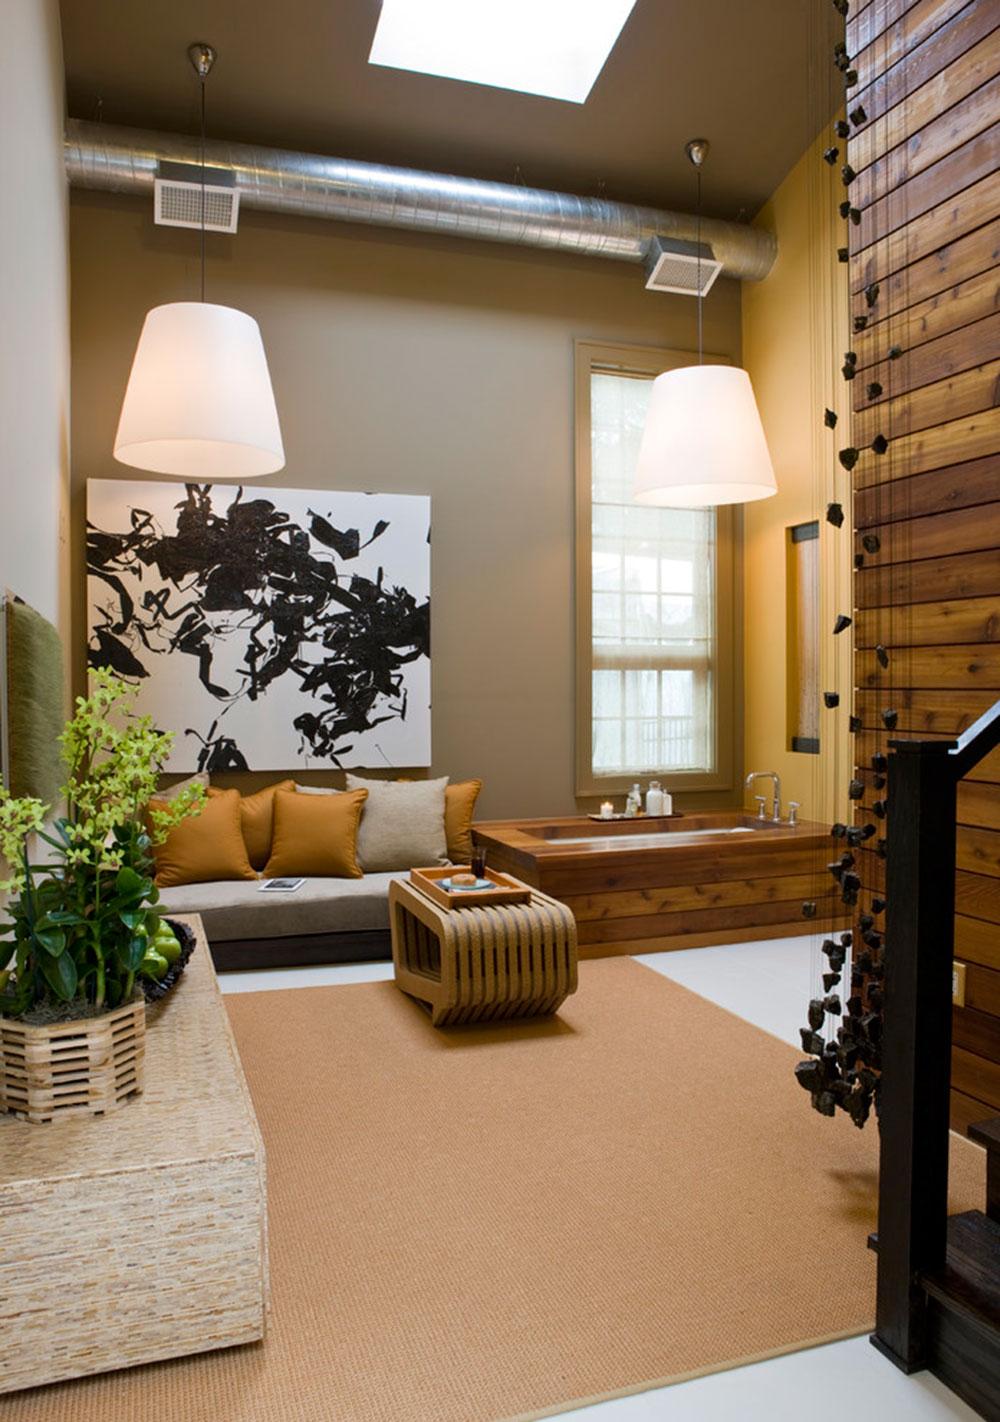 12 astuces et id es pour cr er votre salle de m ditation bricobistro. Black Bedroom Furniture Sets. Home Design Ideas